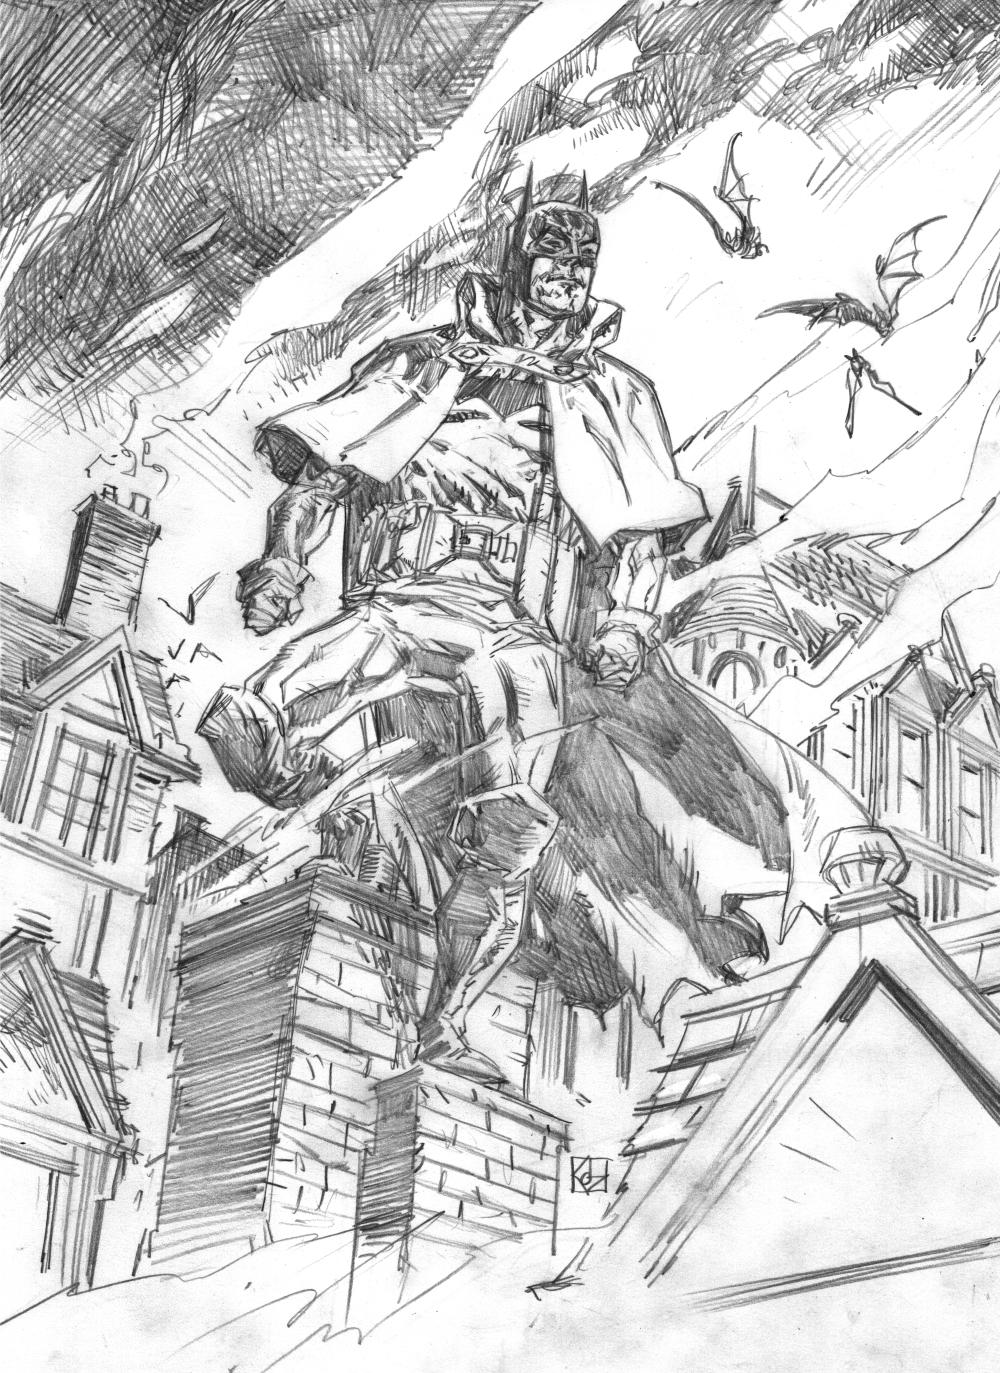 Batman Gotham By Gaslight Sketch Wip